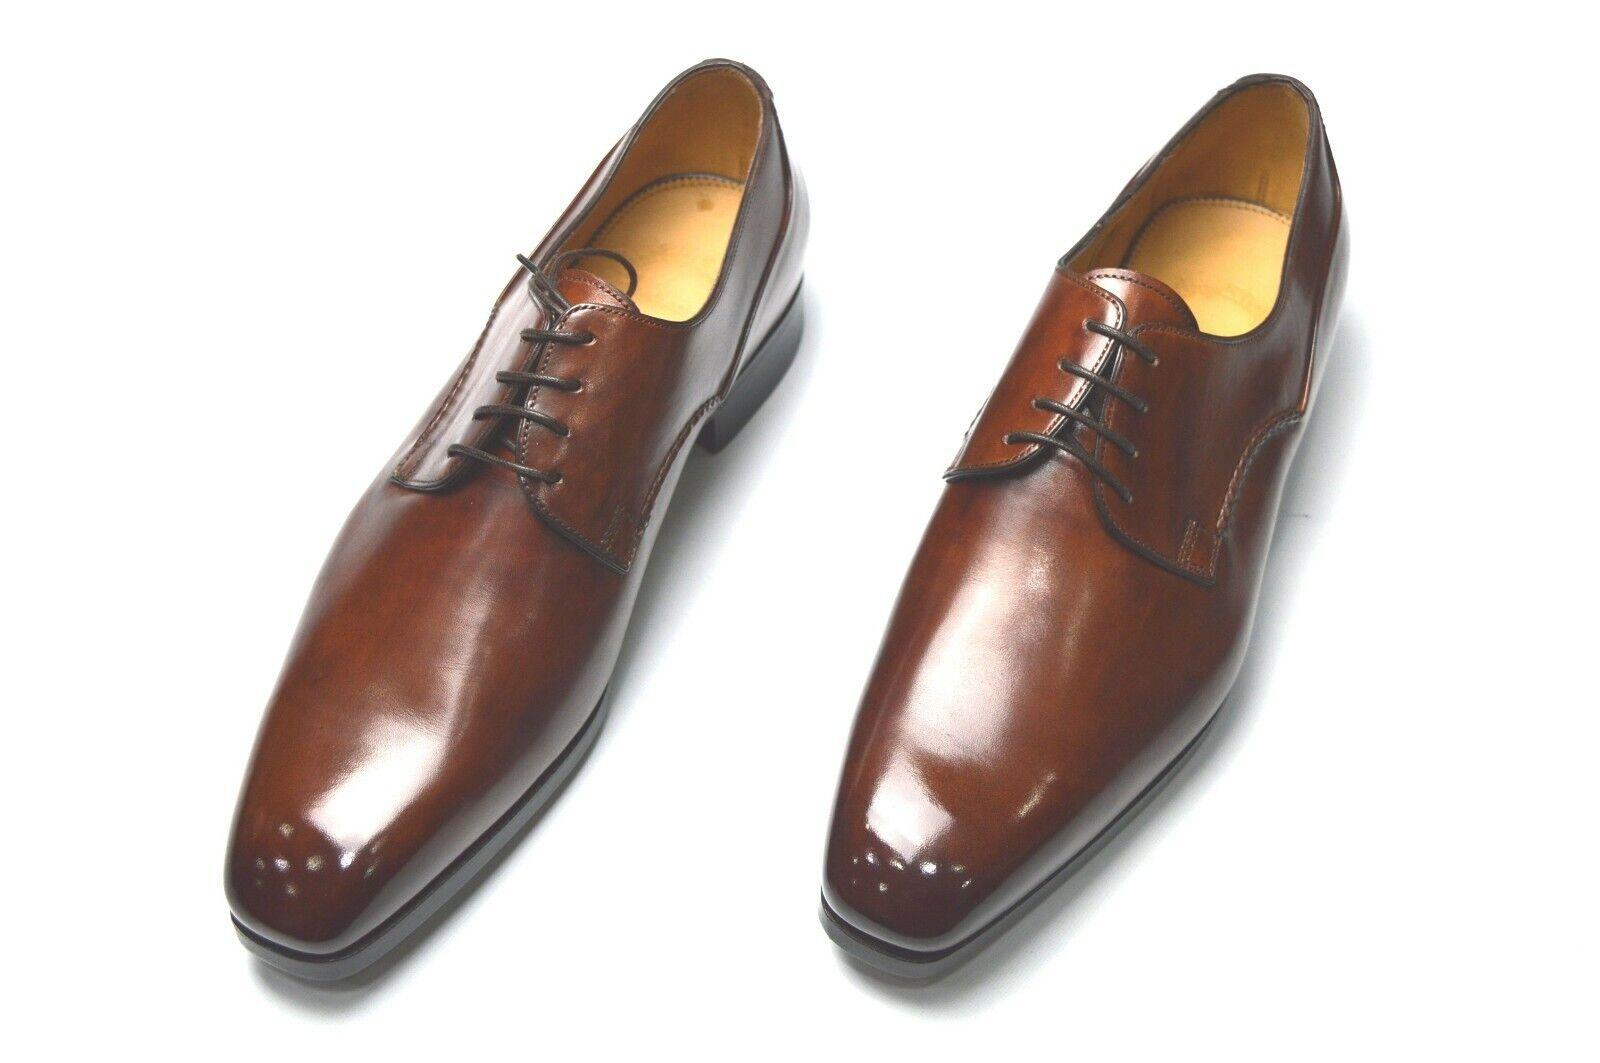 Nuevo Vestido 1600  Santoni Edición Limitada Zapatos Talla nos 9.5 (Led1)